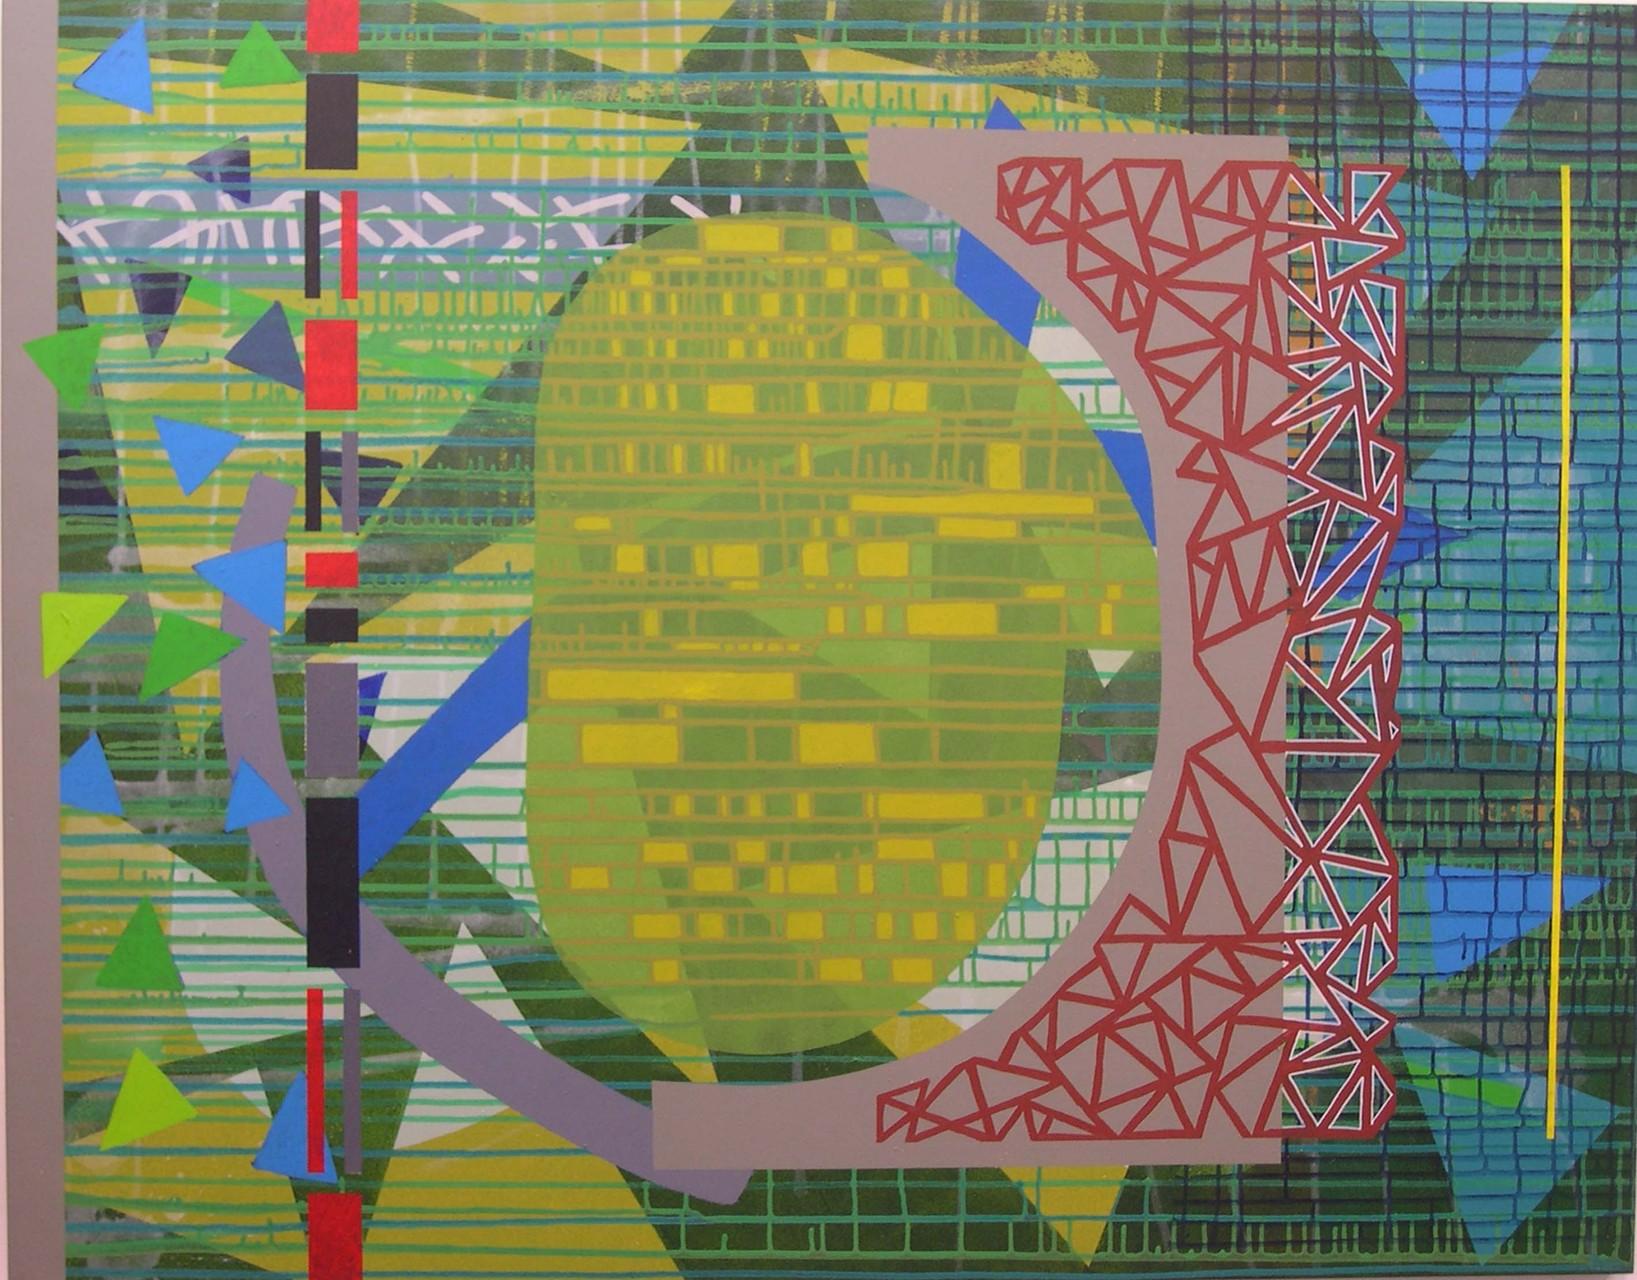 PASOS CONTADOS. Acrílico sobre madera. 114x146. 2004